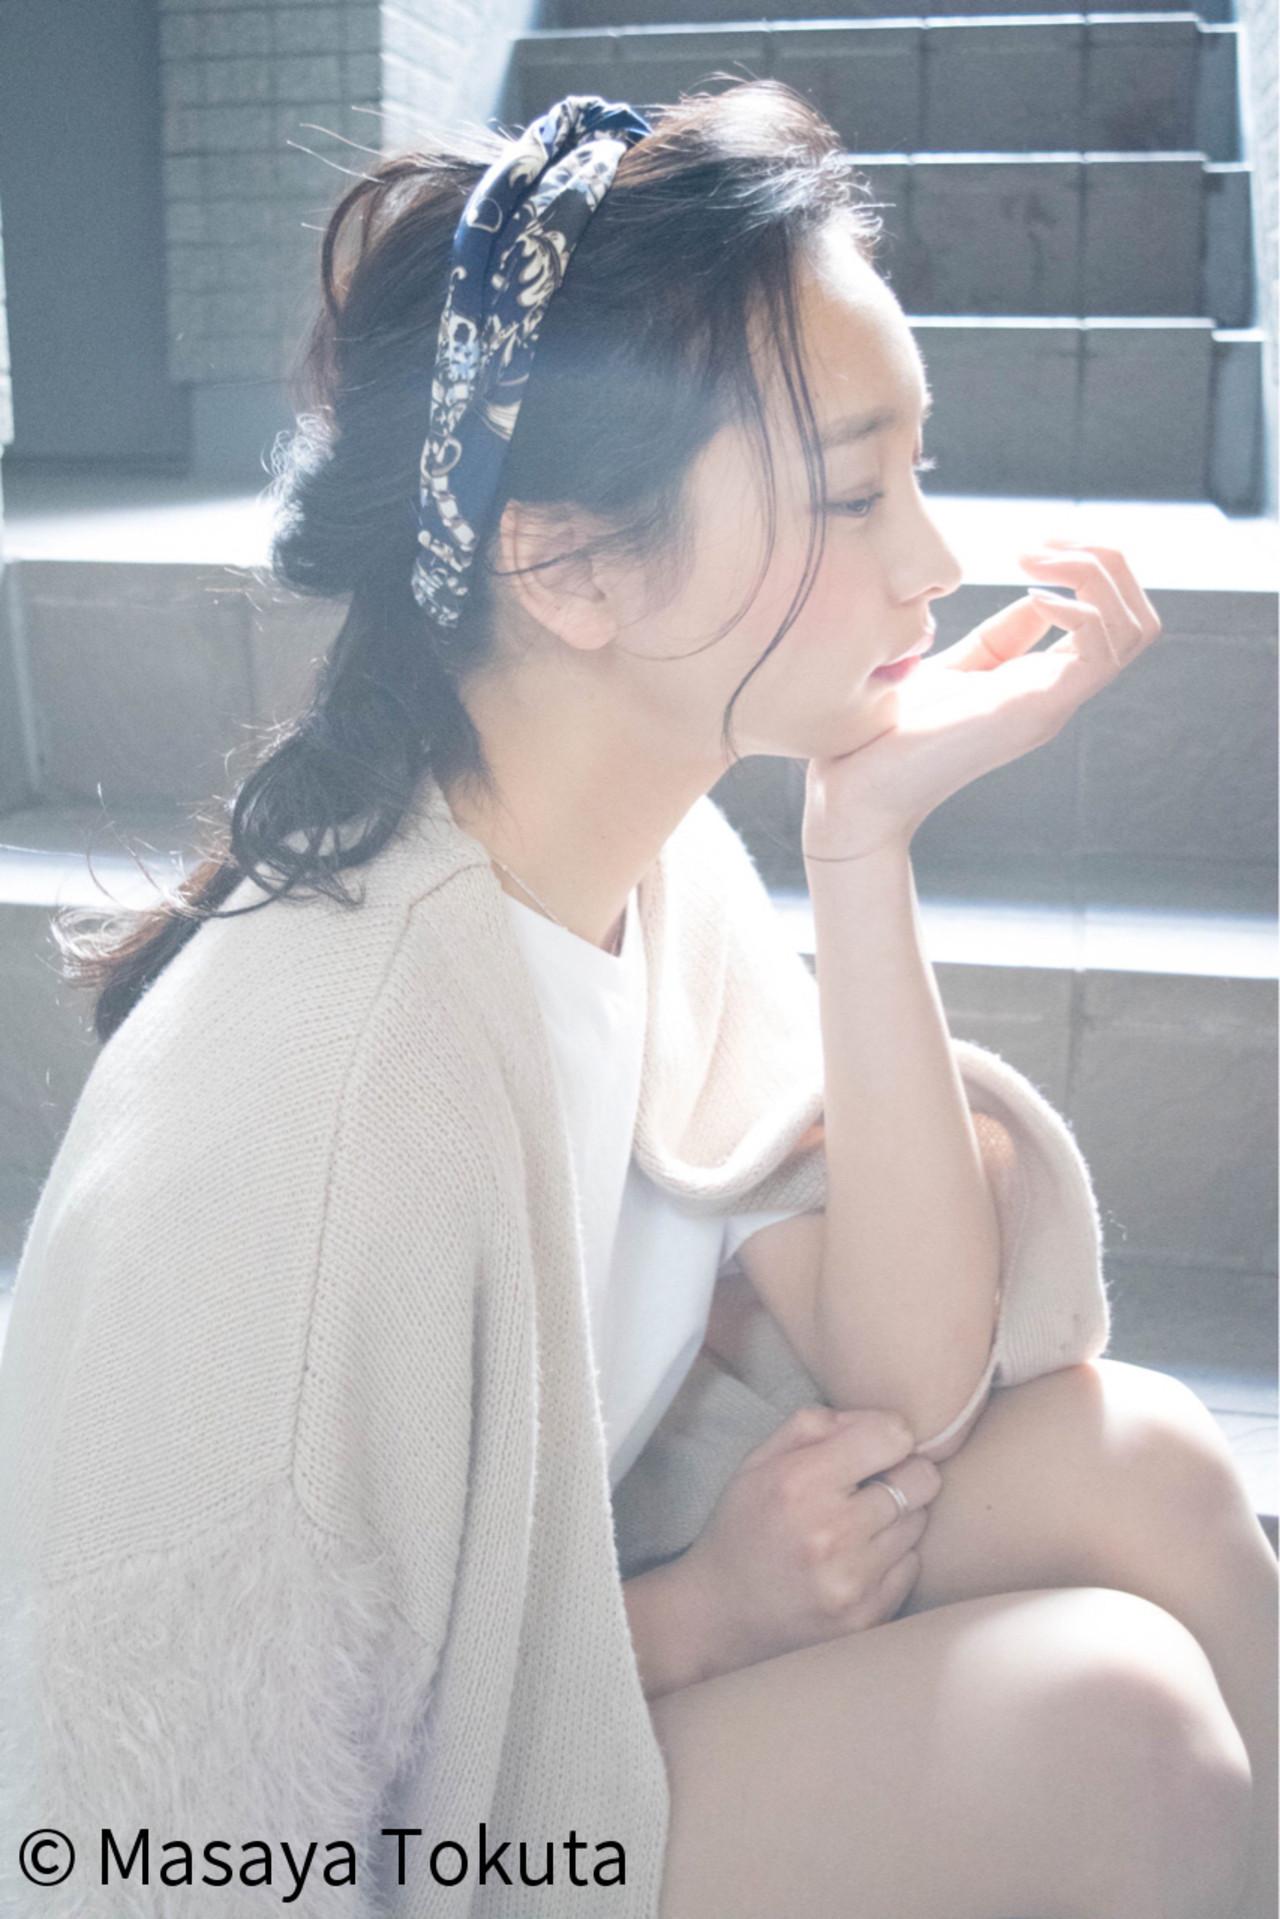 子供っぽくない!スカーフヘアバンド色っぽアレンジ♡ 徳田 誠也